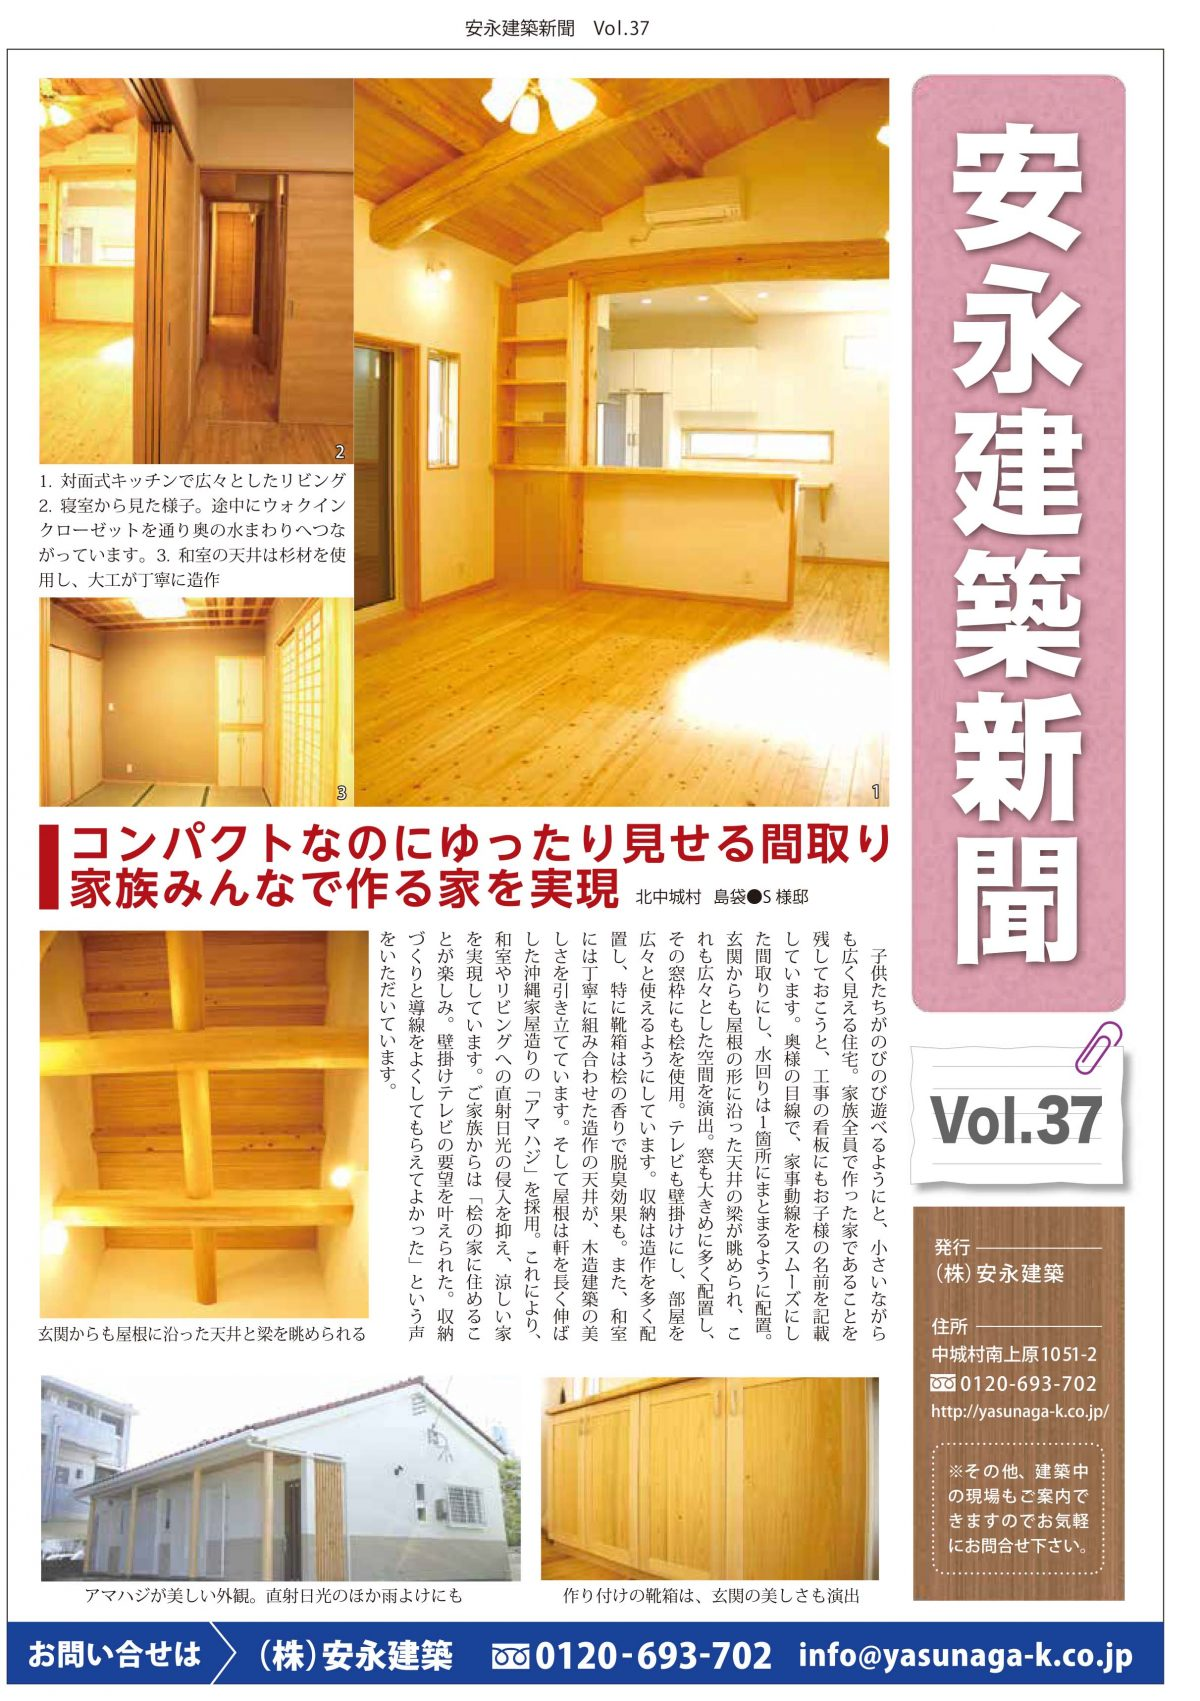 「安永建築新聞」37号出ました! マンガ以外のチラシもやってます!